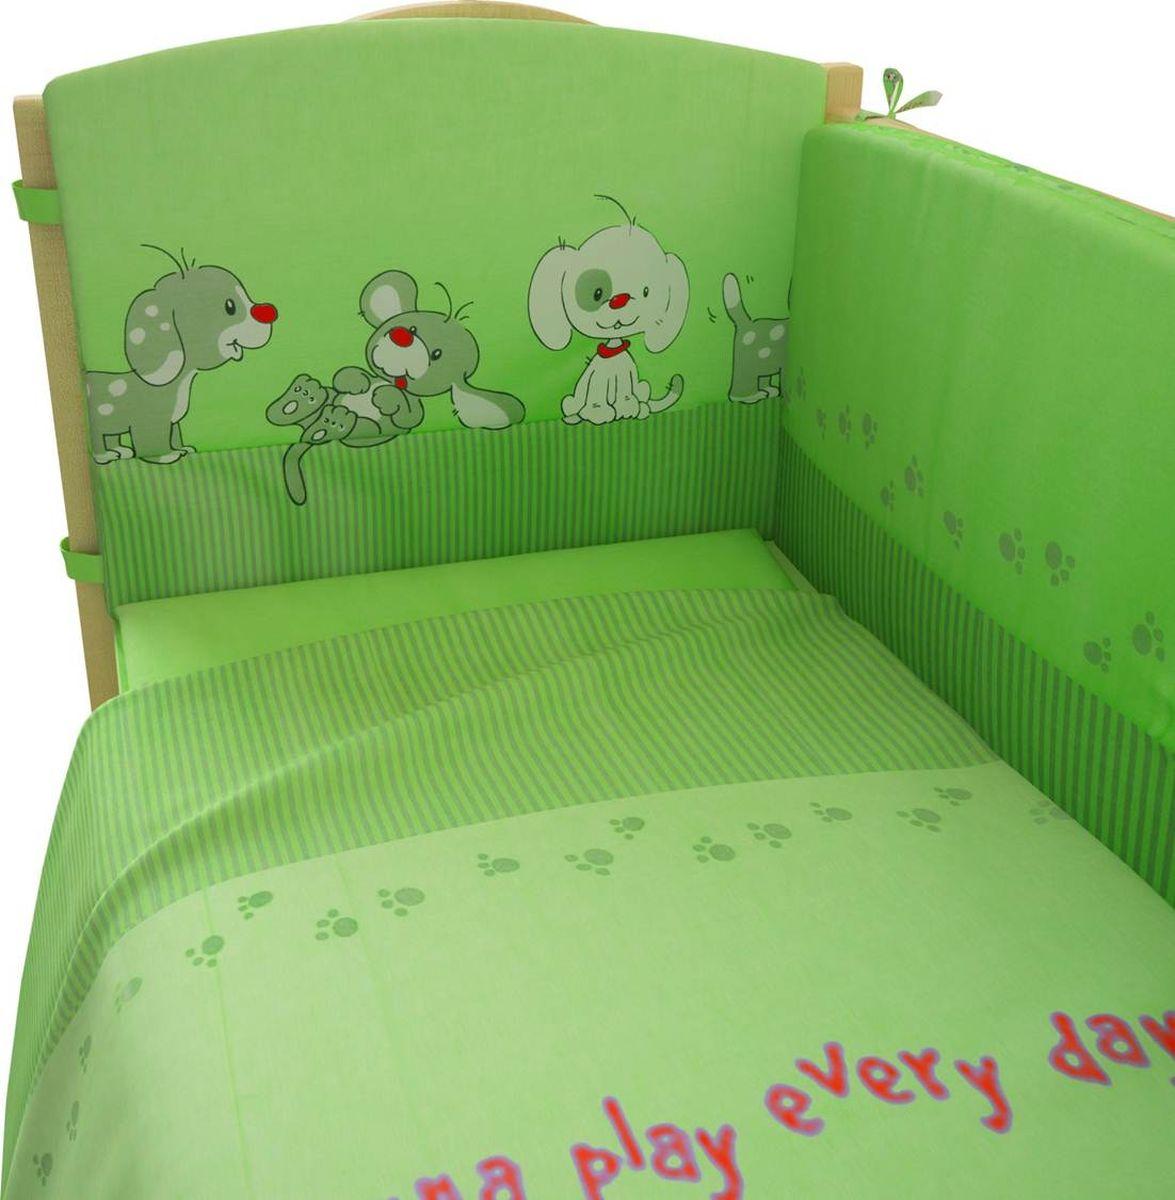 Фея Комплект белья для новорожденных Веселая игра цвет зеленый 6 предметов комплект белья для новорожденных фея веселая игра цвет серый 6 предметов